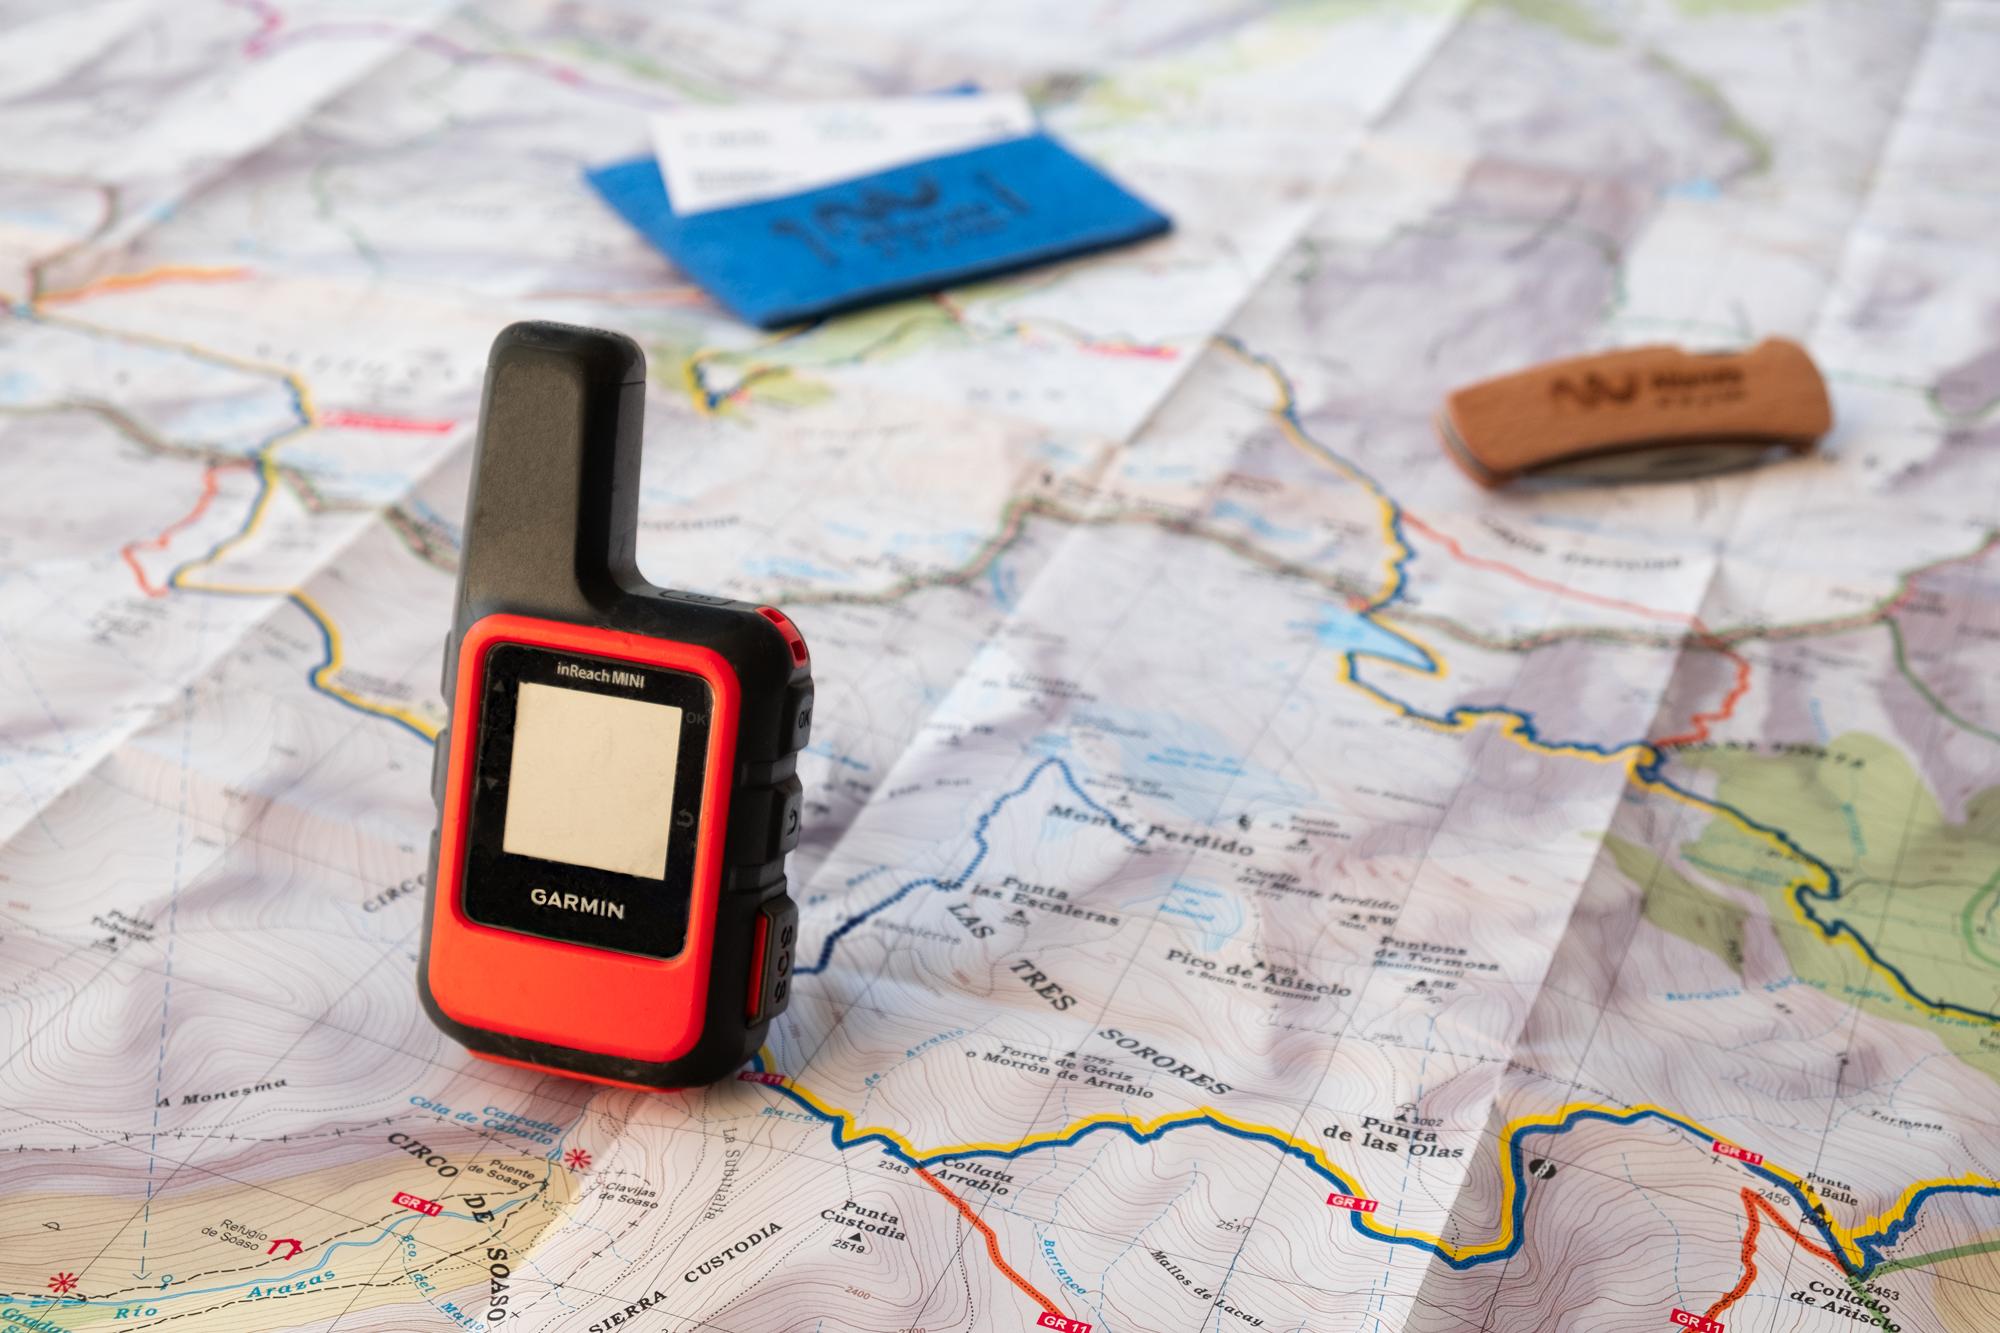 Dispositivo GPS Garmin inReach Mini y un mapa.